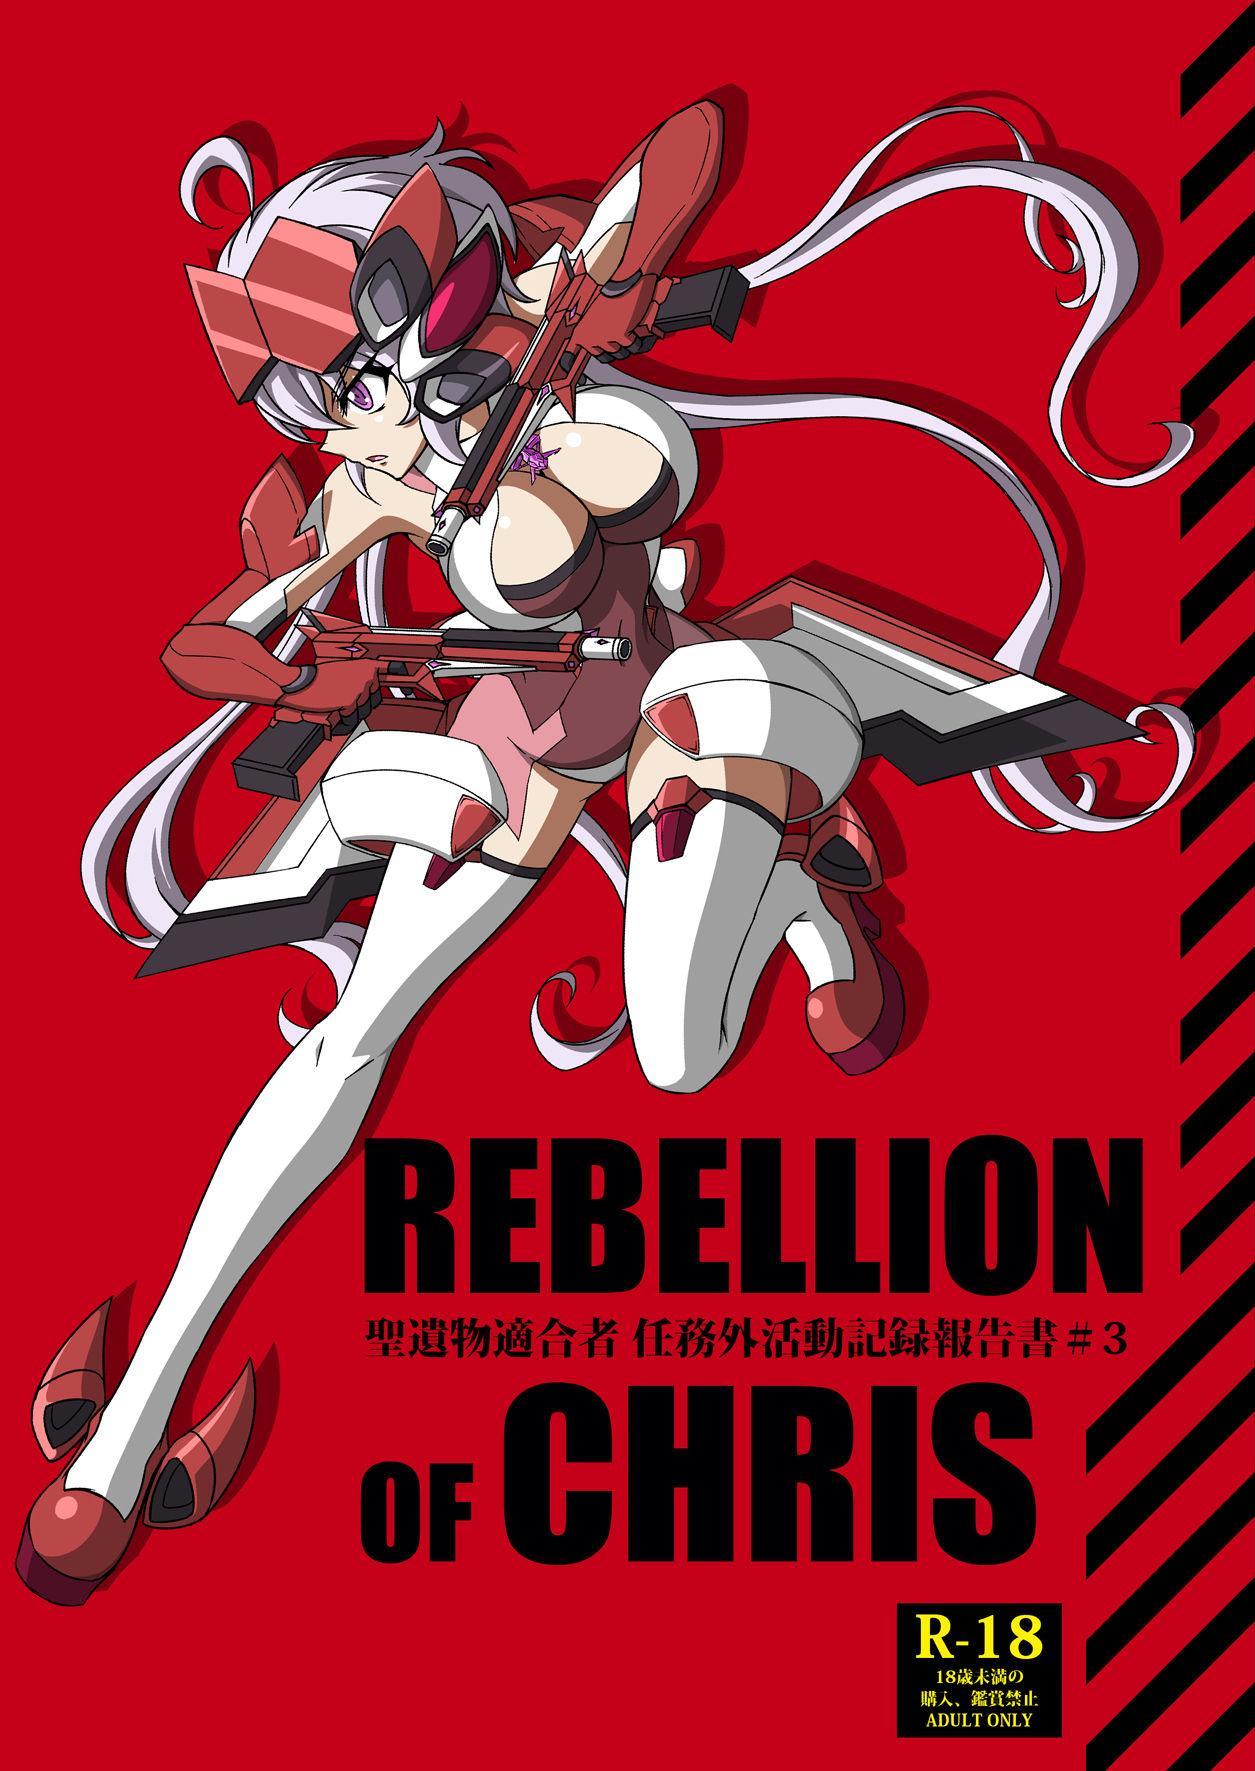 REBELLION OF CHRIS 0